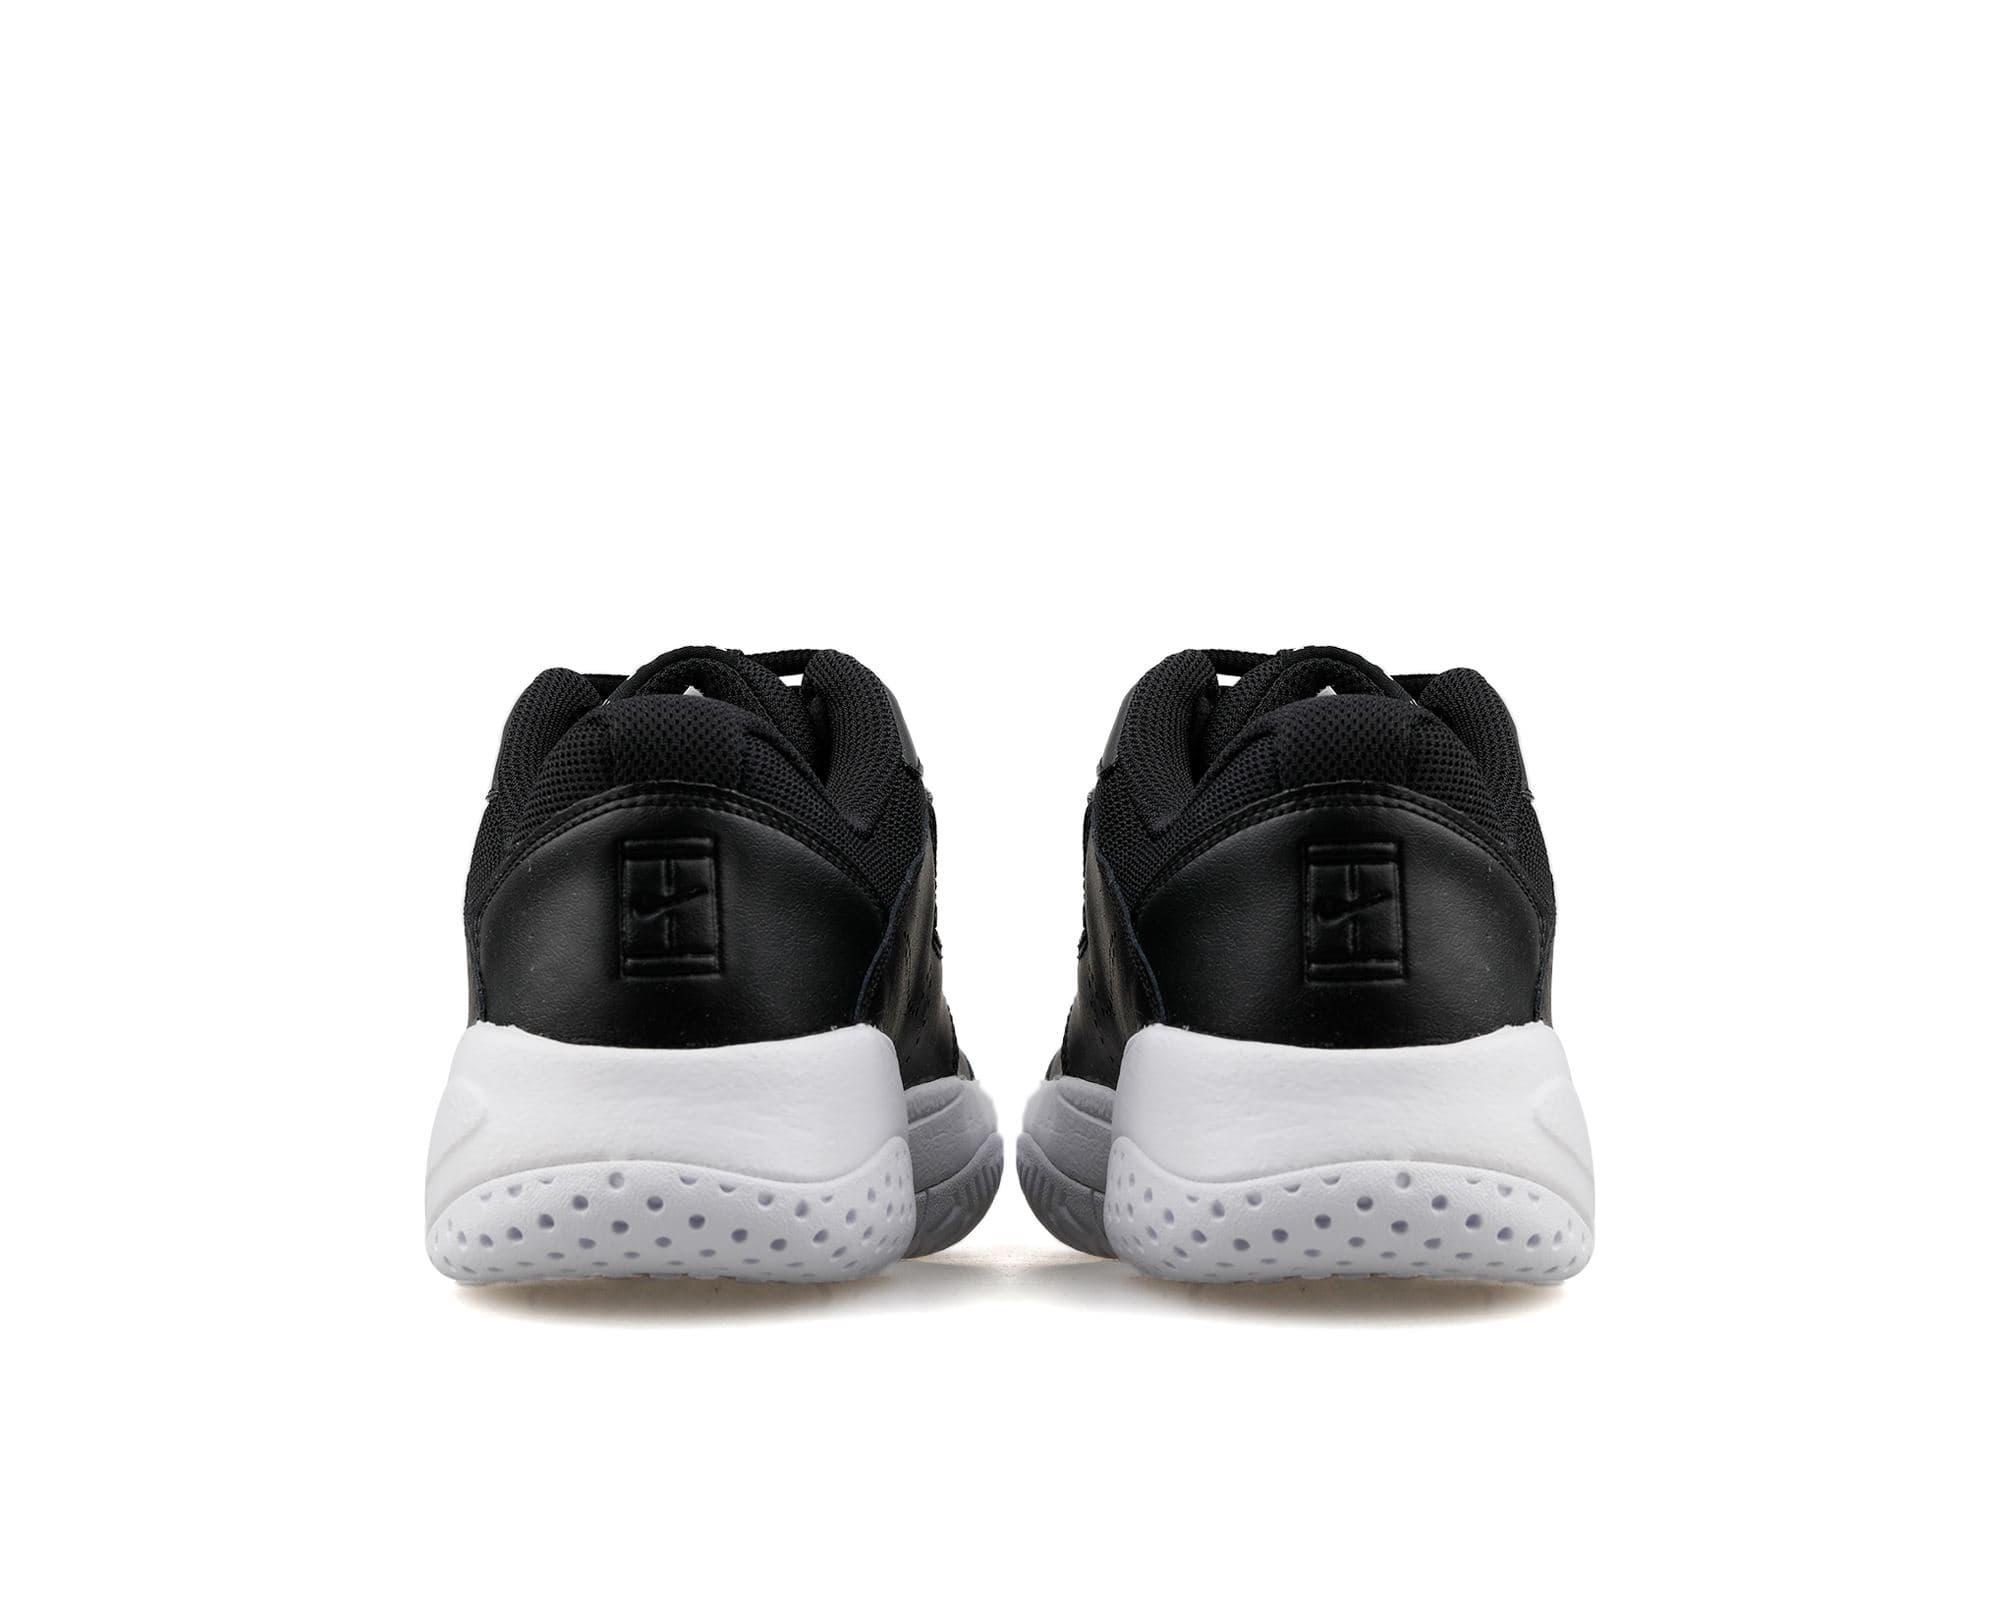 Court Lite 2 Erkek Siyah Tenis Ayakkabısı (AR8836-005)